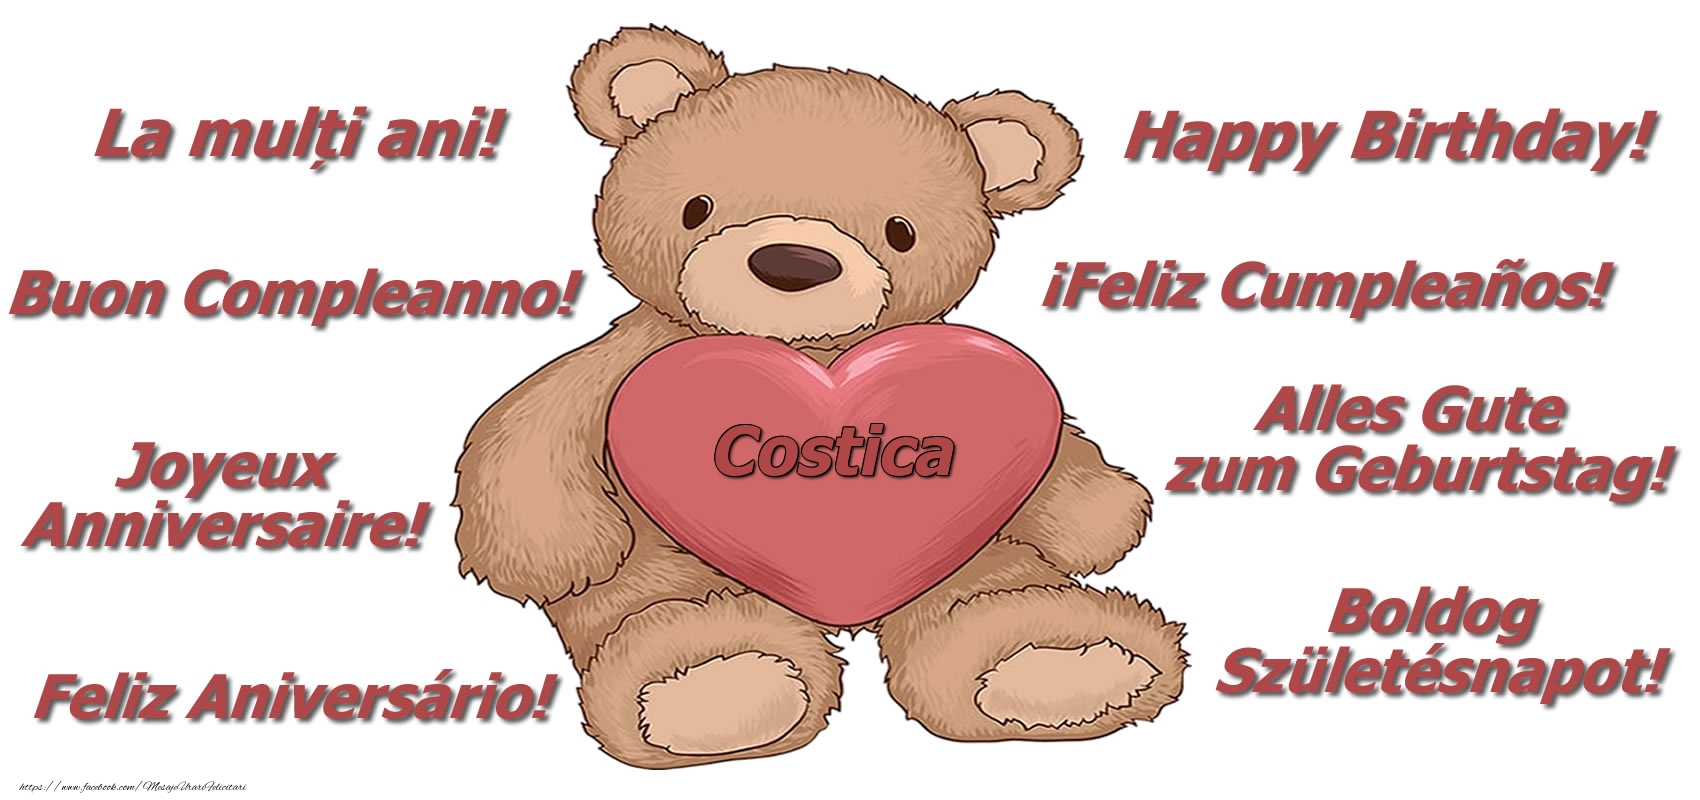 Felicitari de zi de nastere - La multi ani Costica! - Ursulet